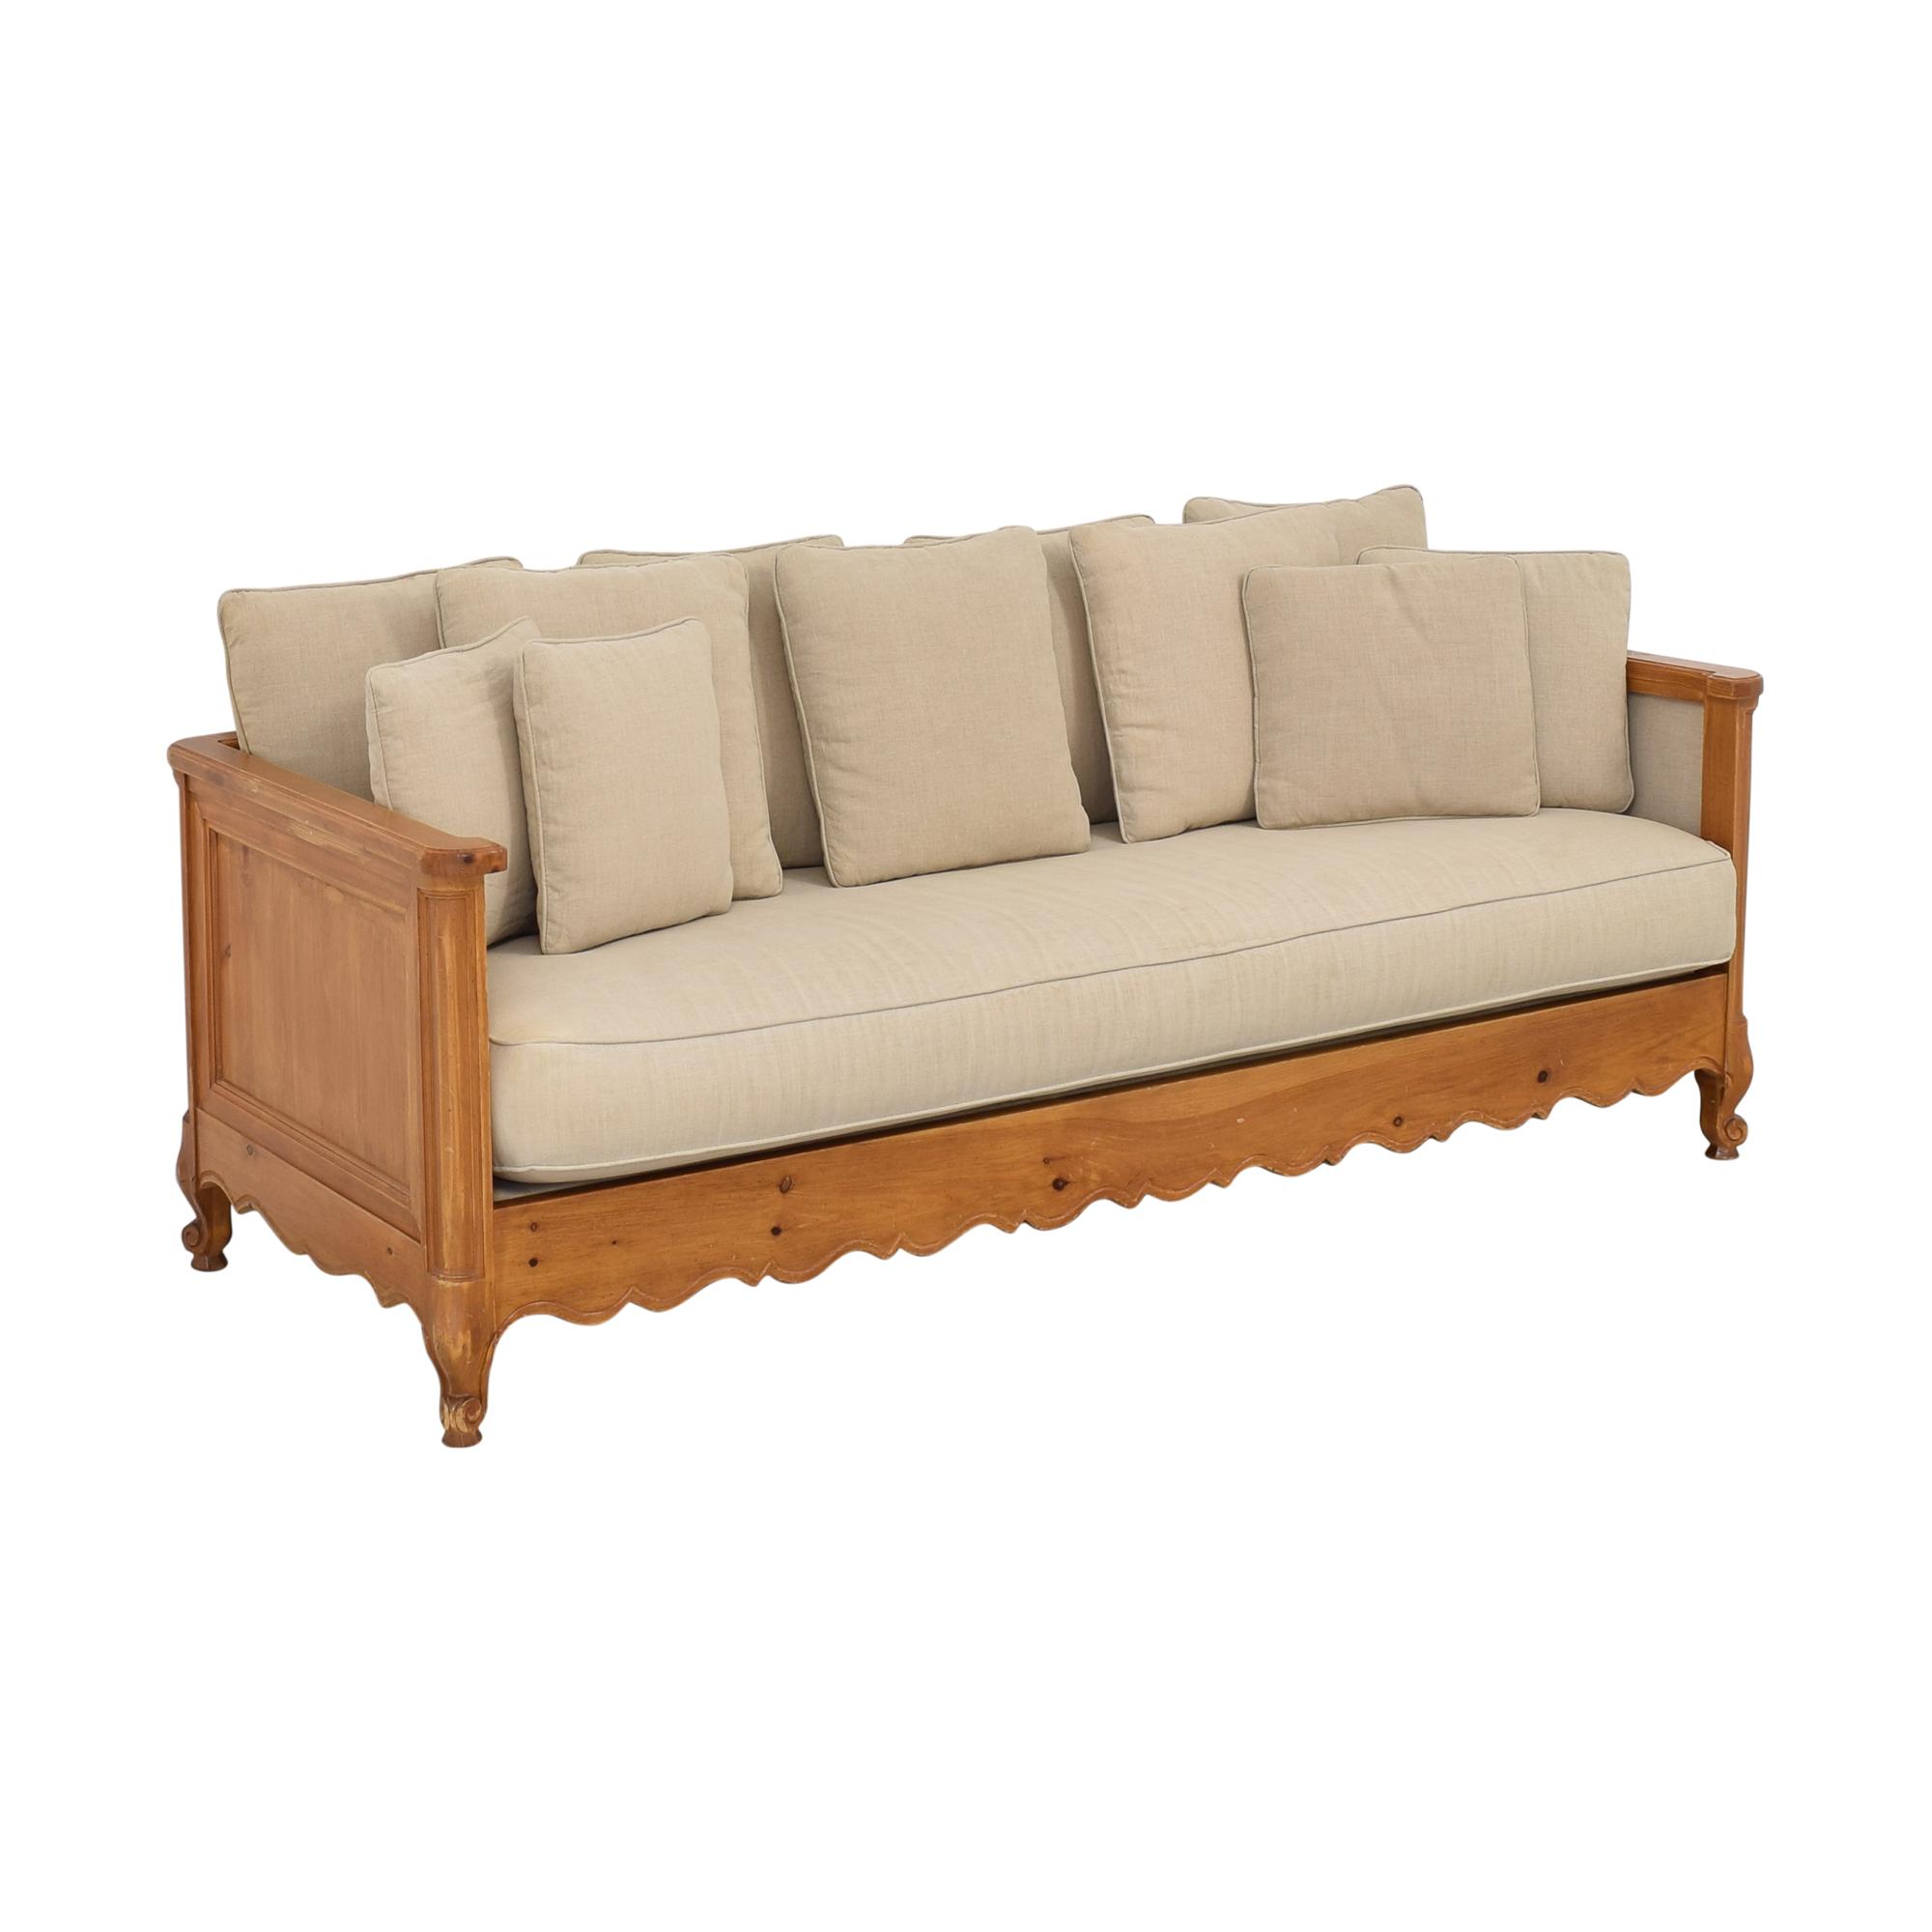 shop  Wood Frame Sofa online